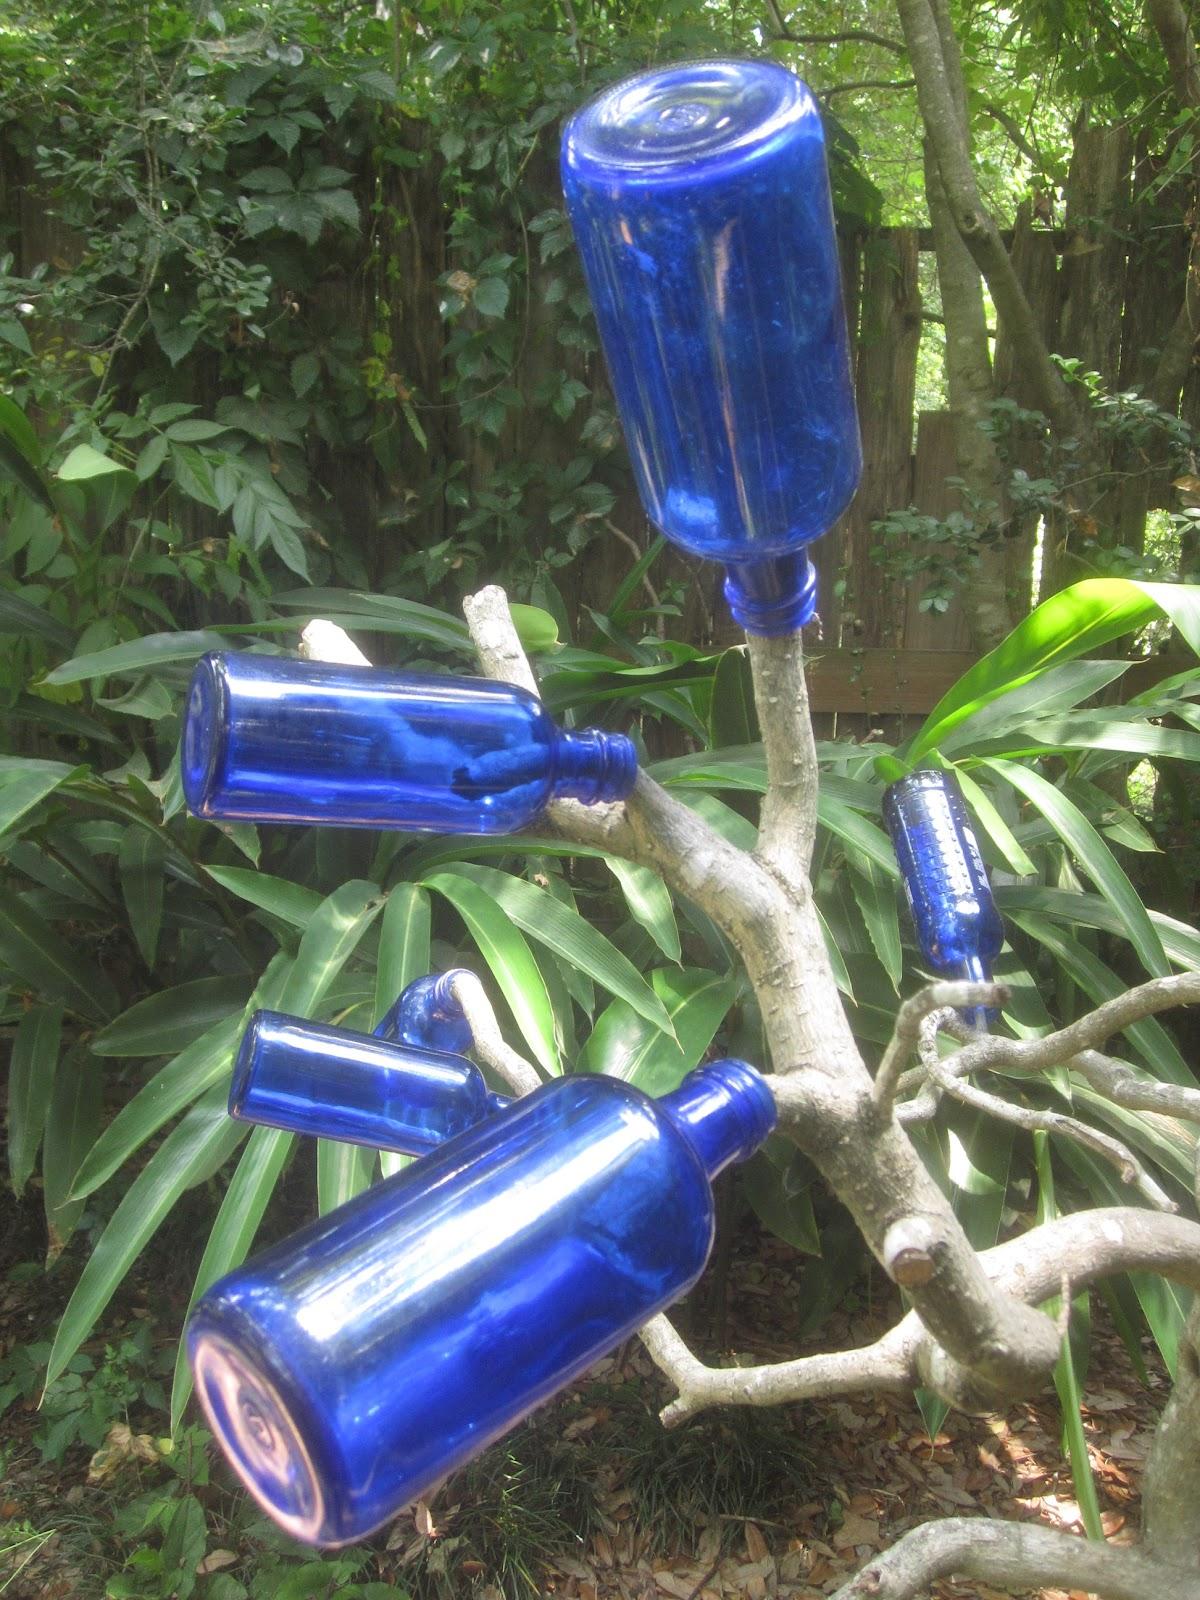 Tropical Texana: LITTLE BLUE BOTTLES FOR A BOTTLE TREE